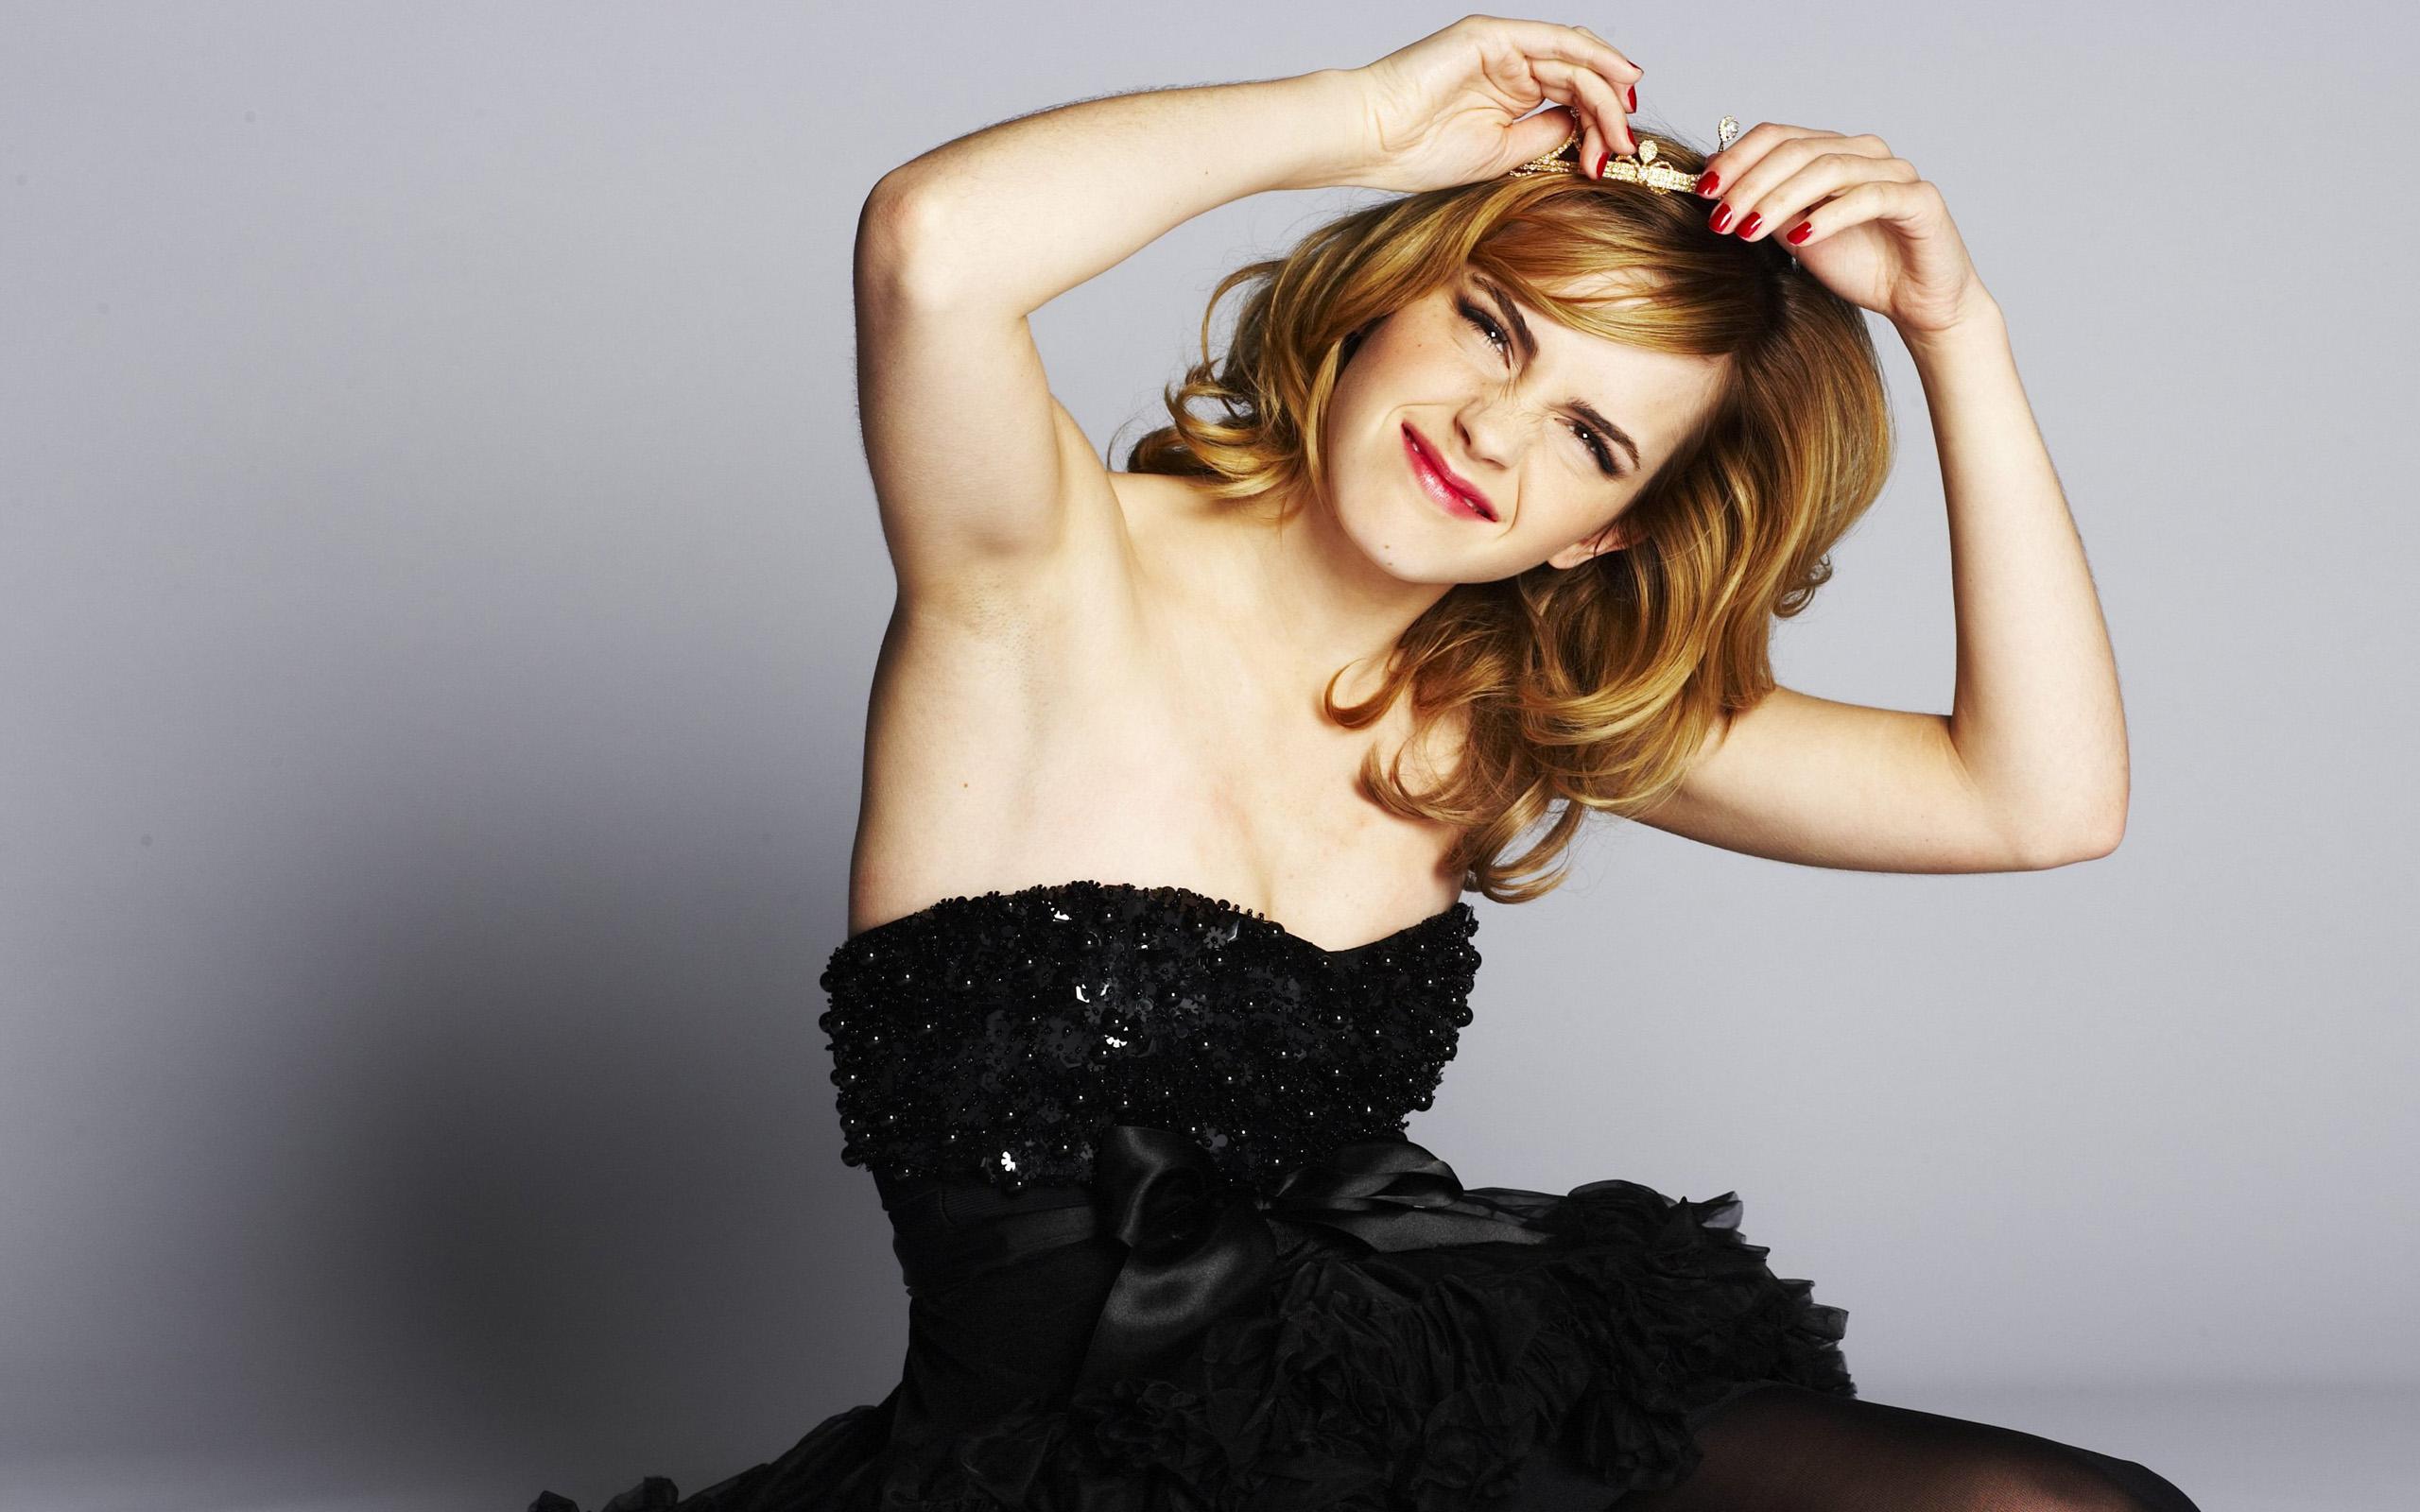 Sexy Emma Watson Adult Vogue Photos   CmdStore Emma Watson    emma watson sexy